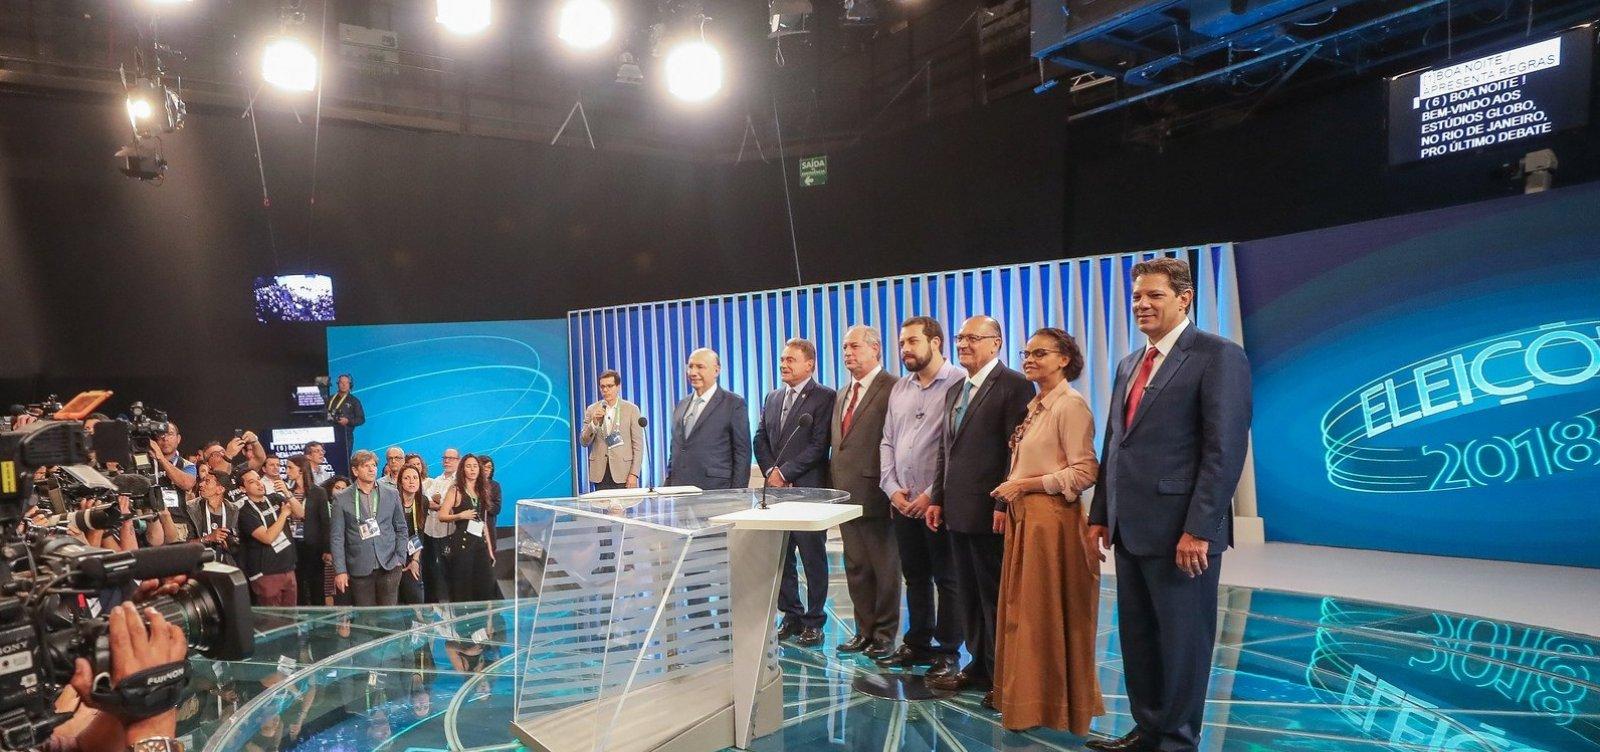 Globo cancela debate após Bolsonaro rejeitar convite